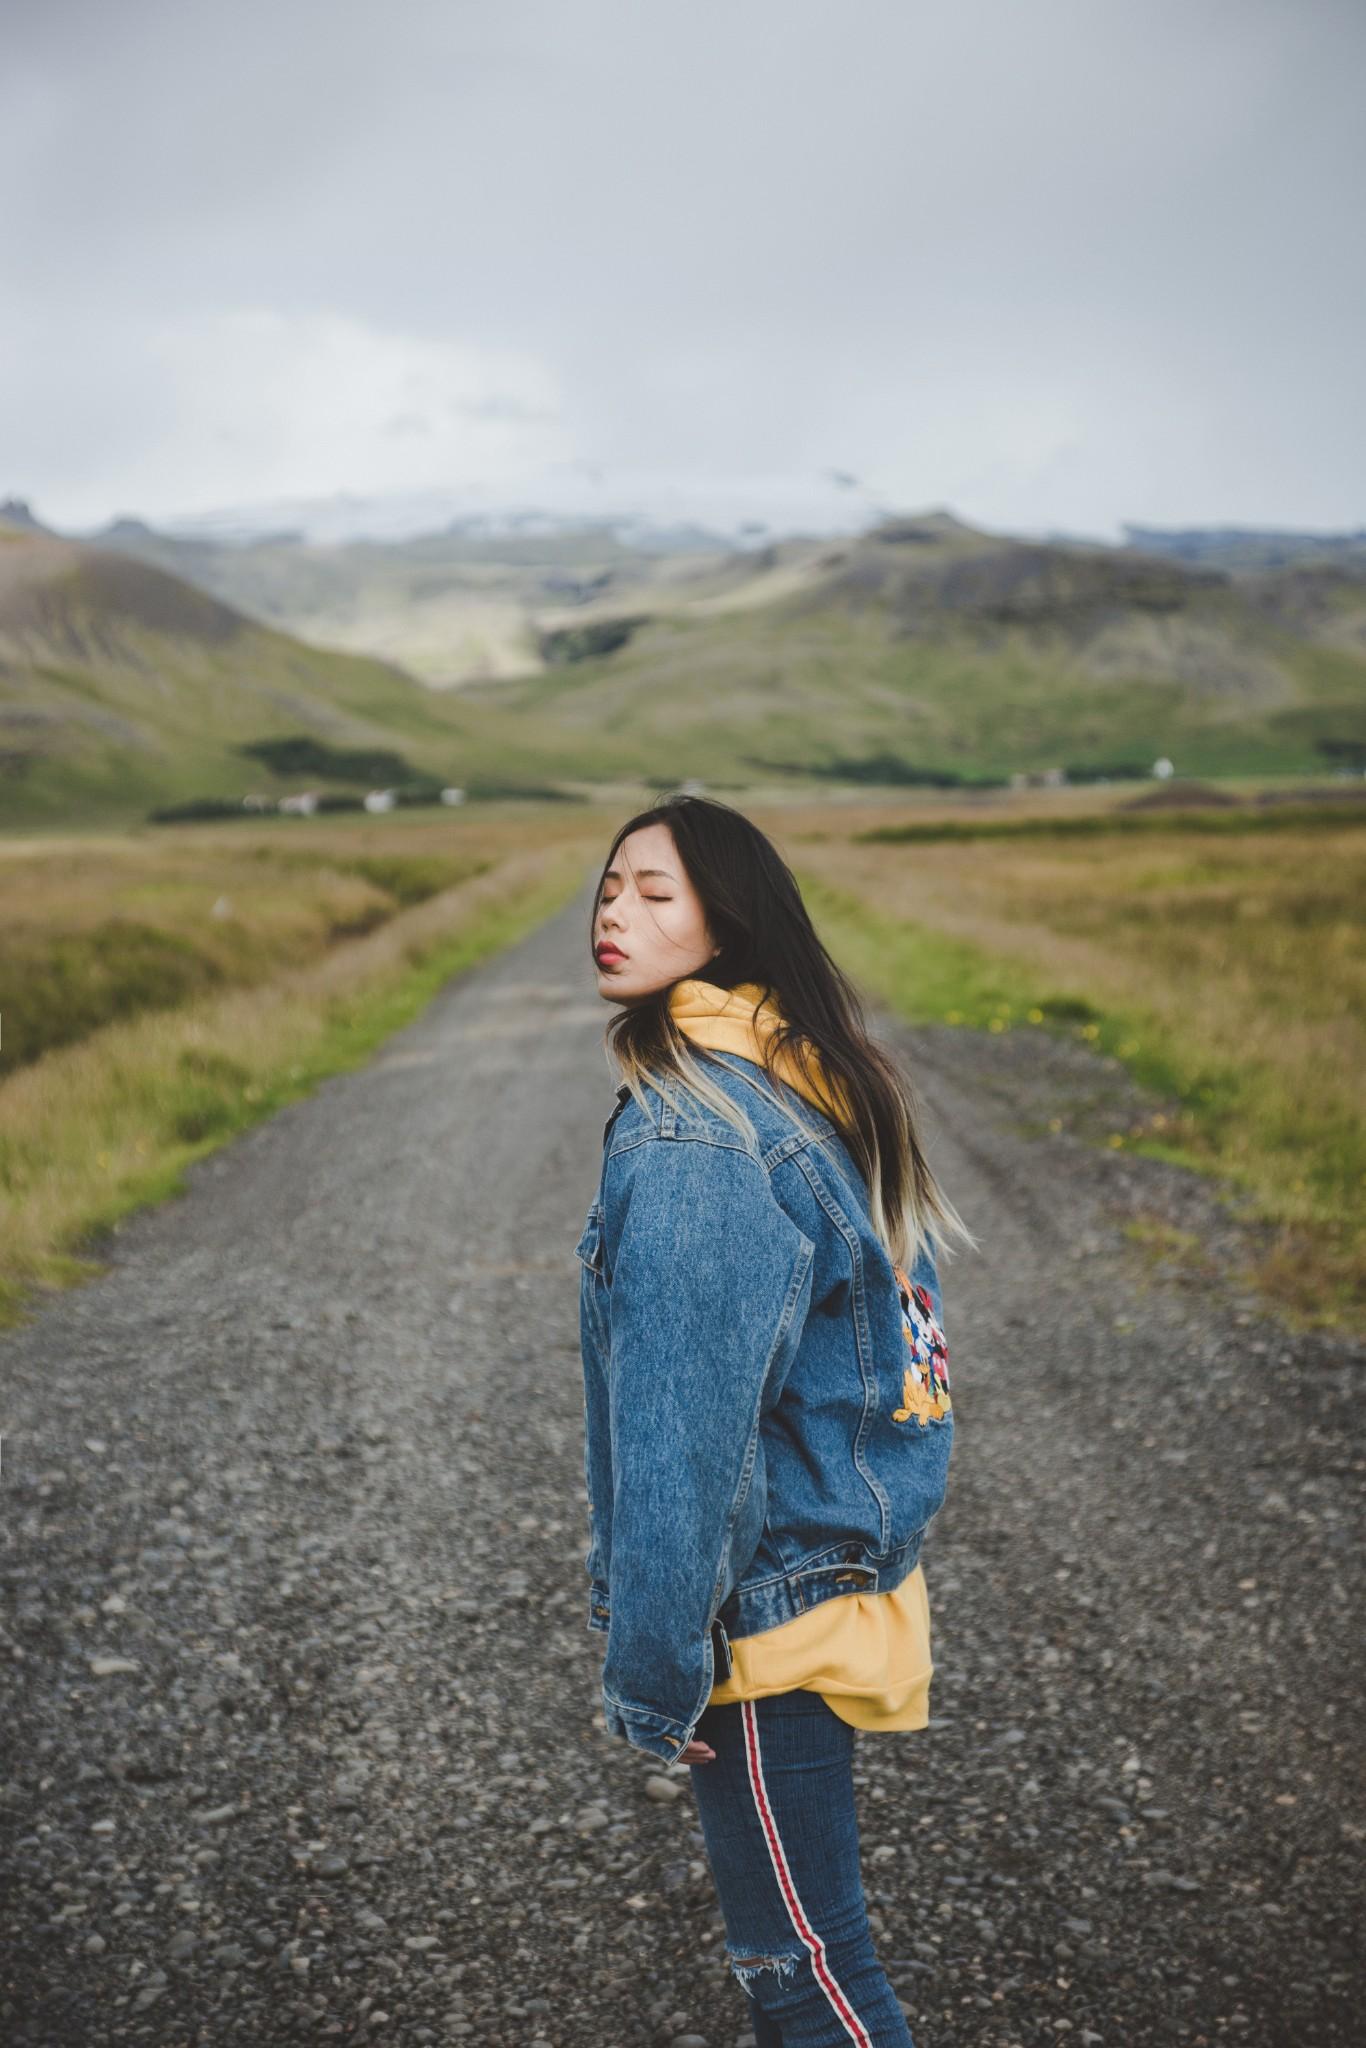 冰岛的公路没有尽头 | 摄影师情侣的冰岛环岛自驾游